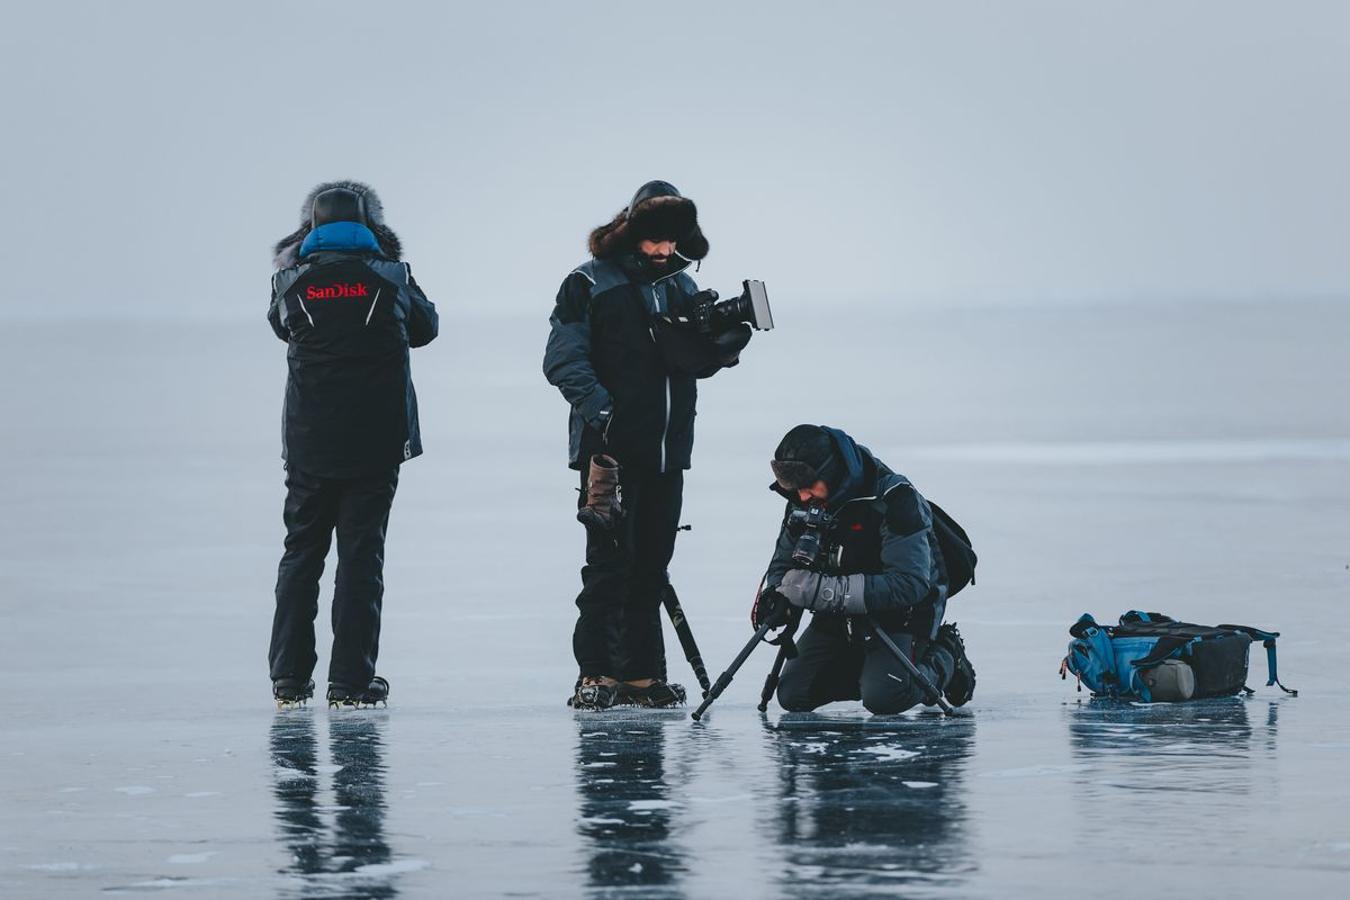 La aventura helada en el Lago Baikal